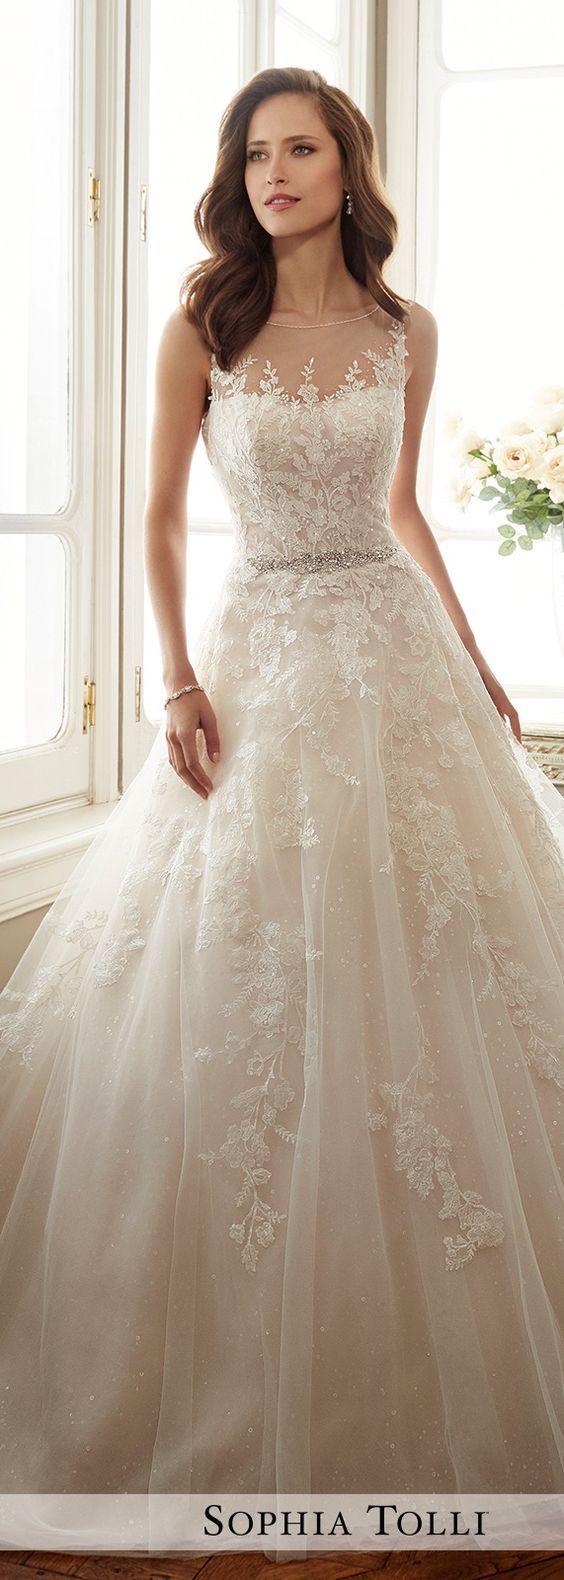 wedding gown outfit dresses for amazing look esküvői ötletek